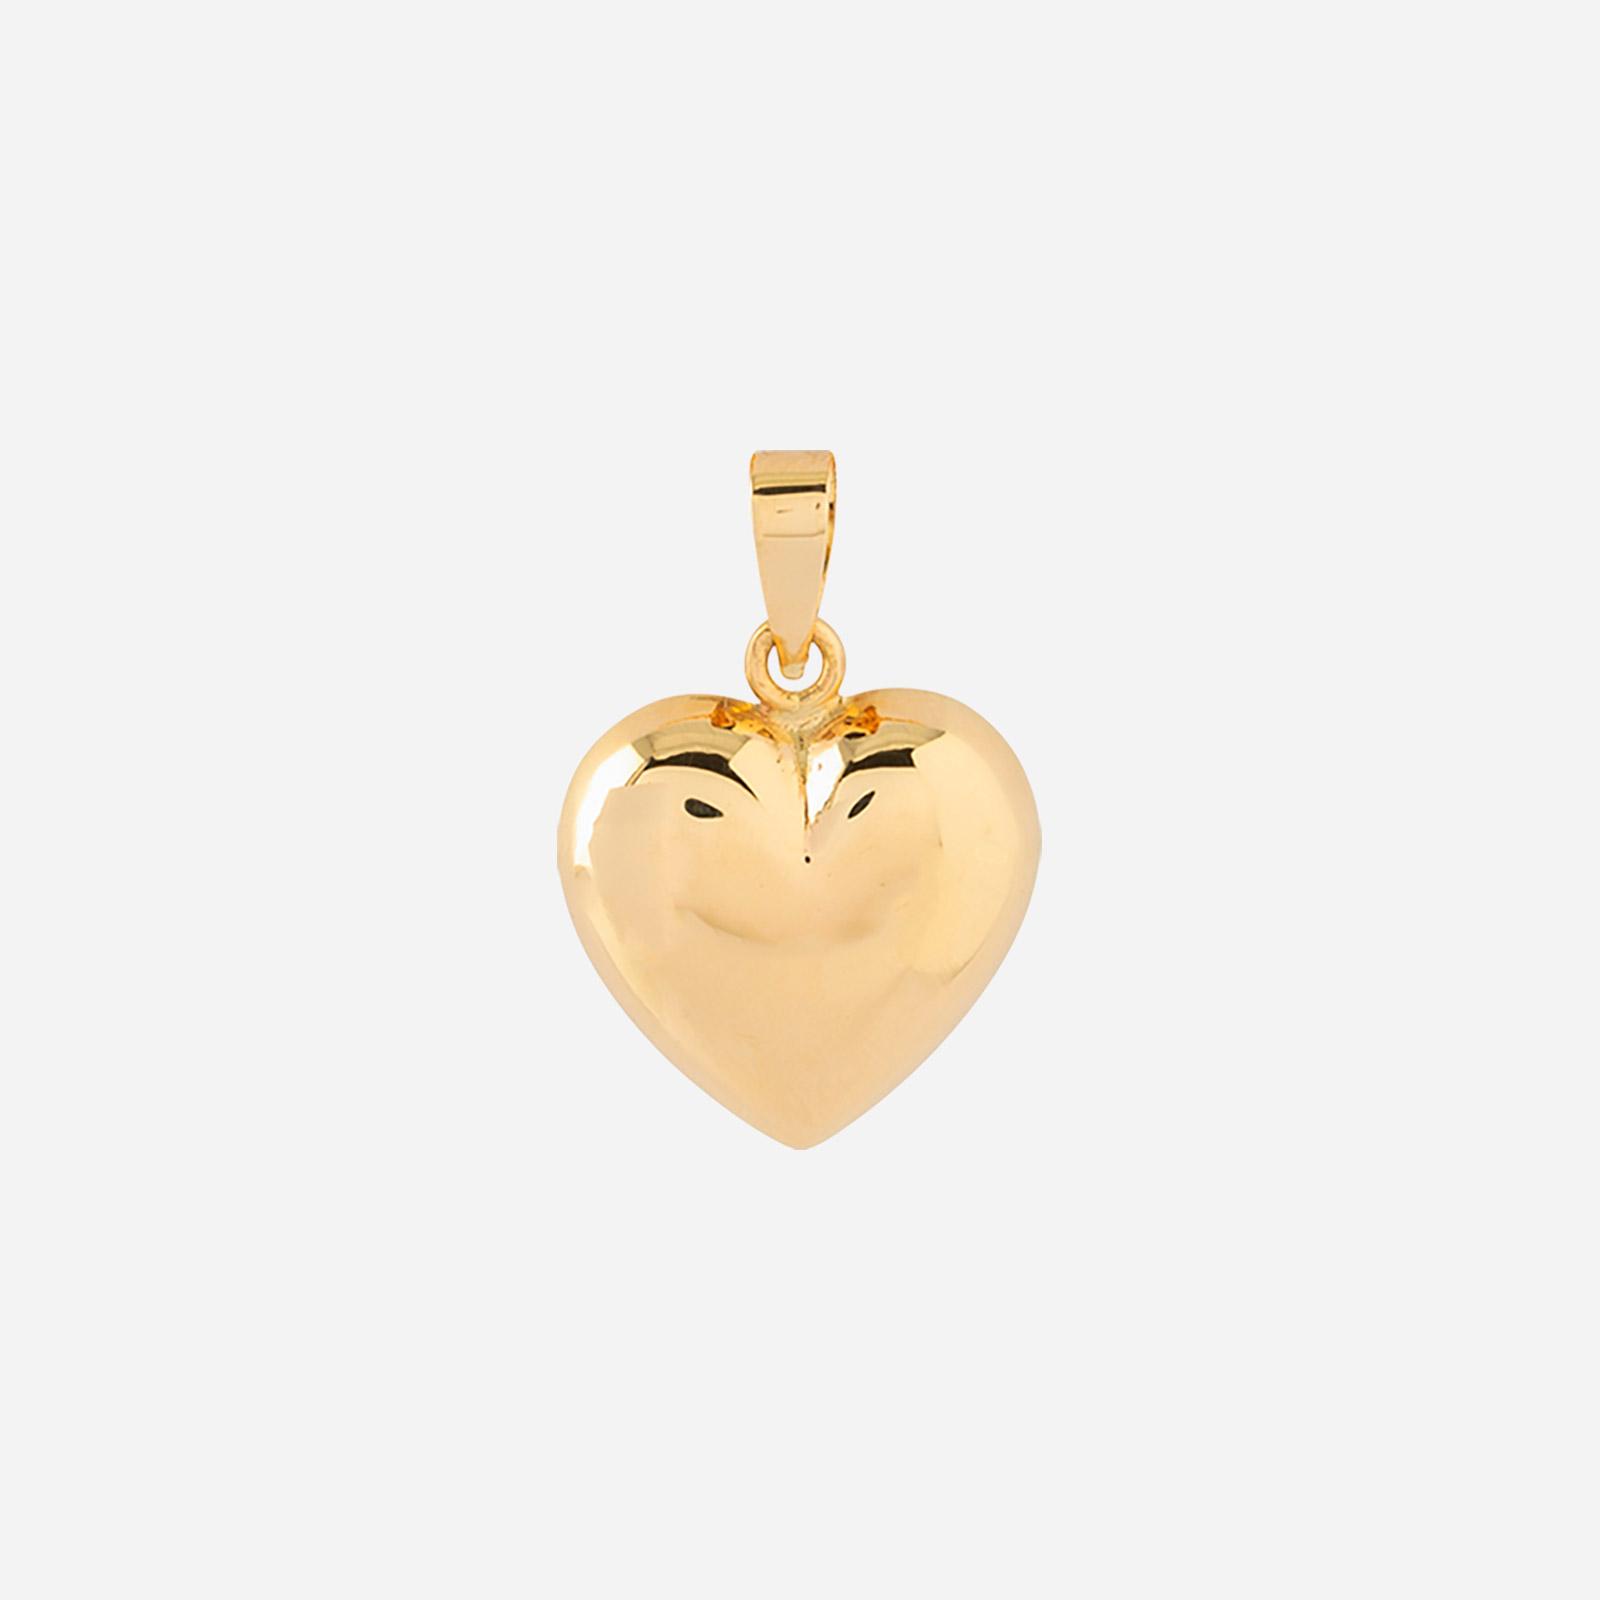 Berlock 18k guld - Hjärta 7 mm